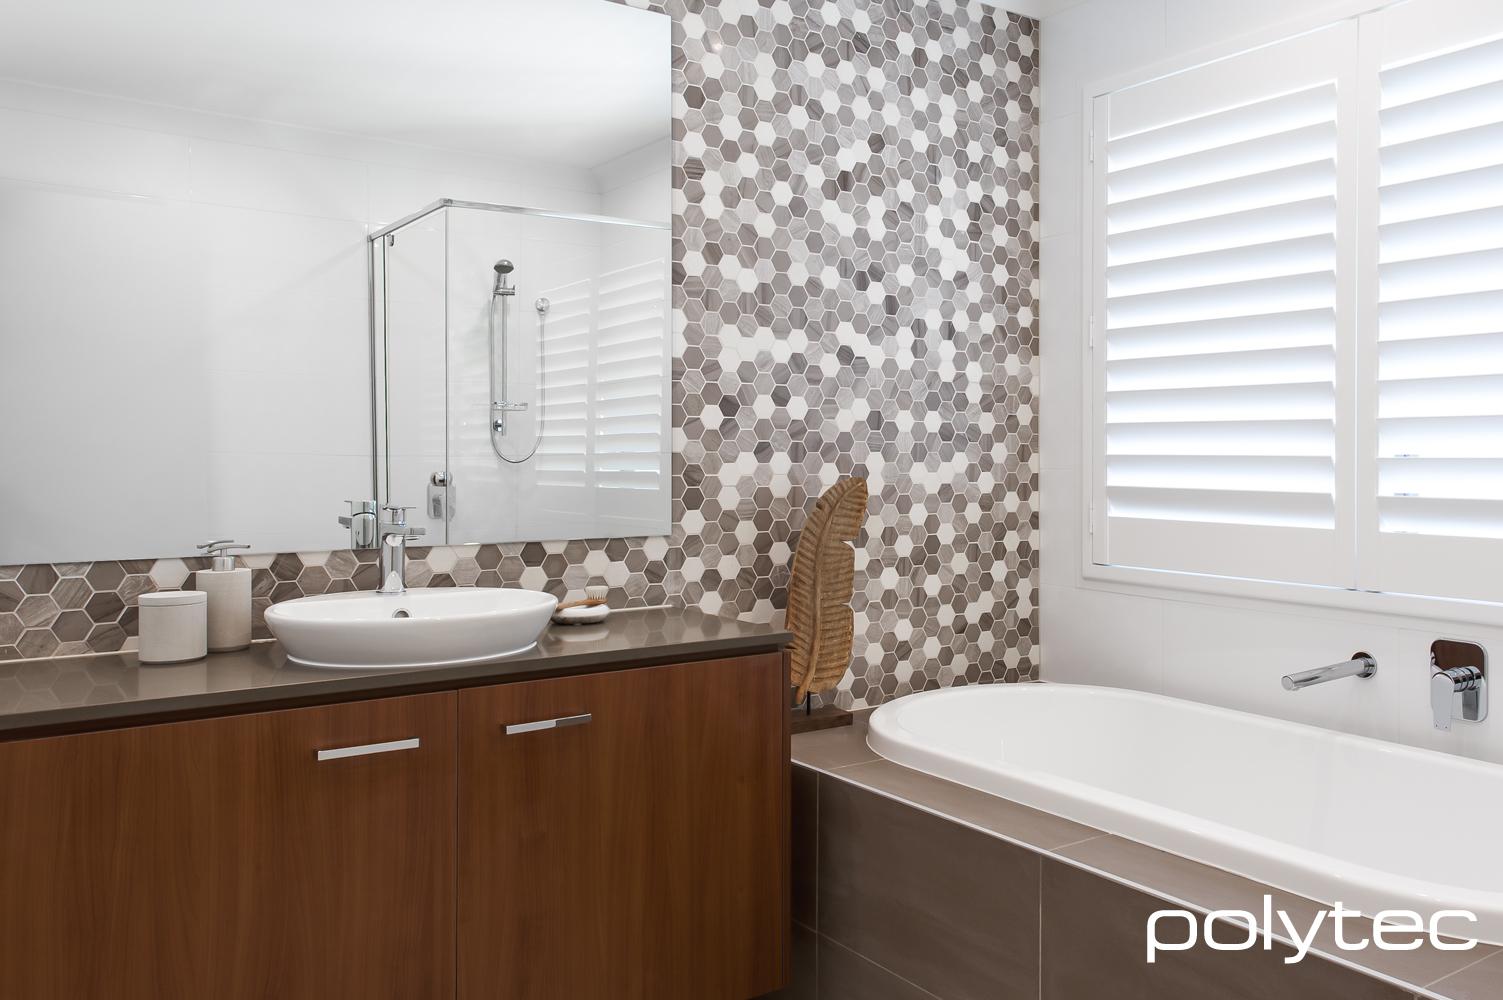 Polytec Ltd